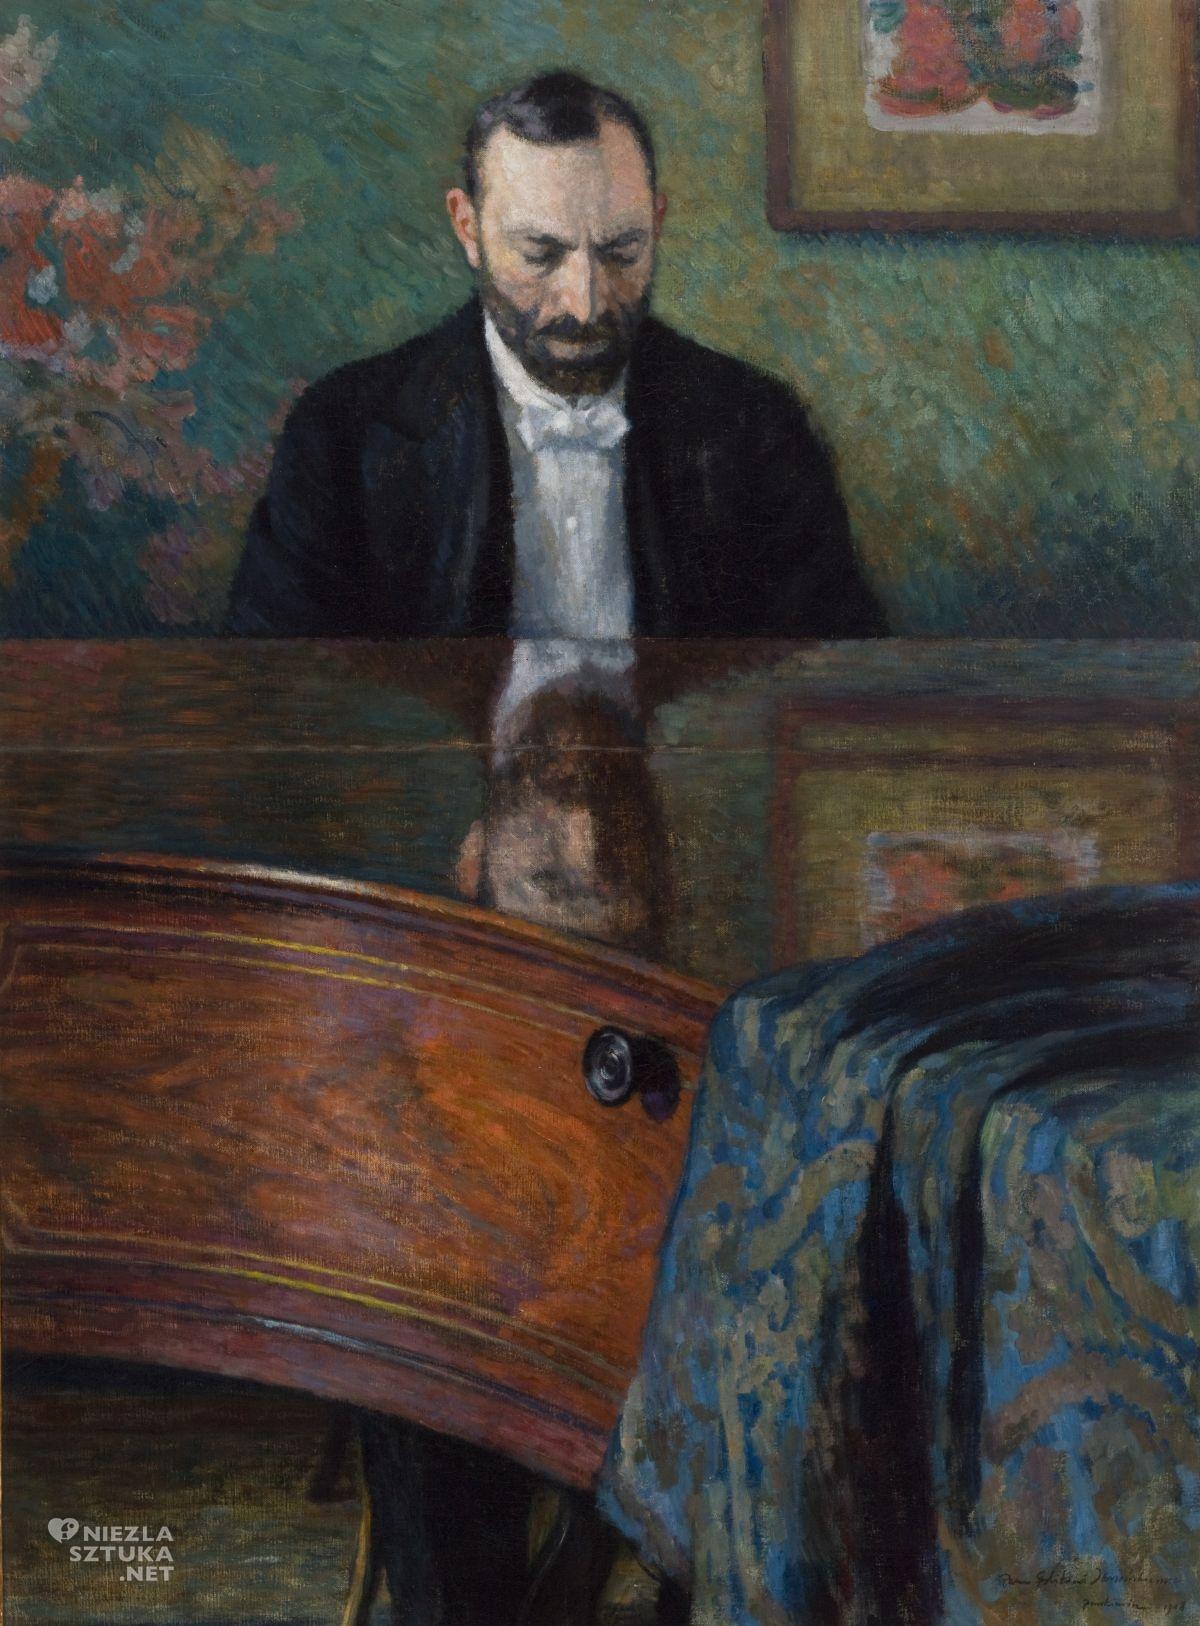 Józef Pankiewicz, Feliks Jasieński, Portret Feliksa Jasieńskiego przy fortepianie, sztuka polska, Niezła sztuka